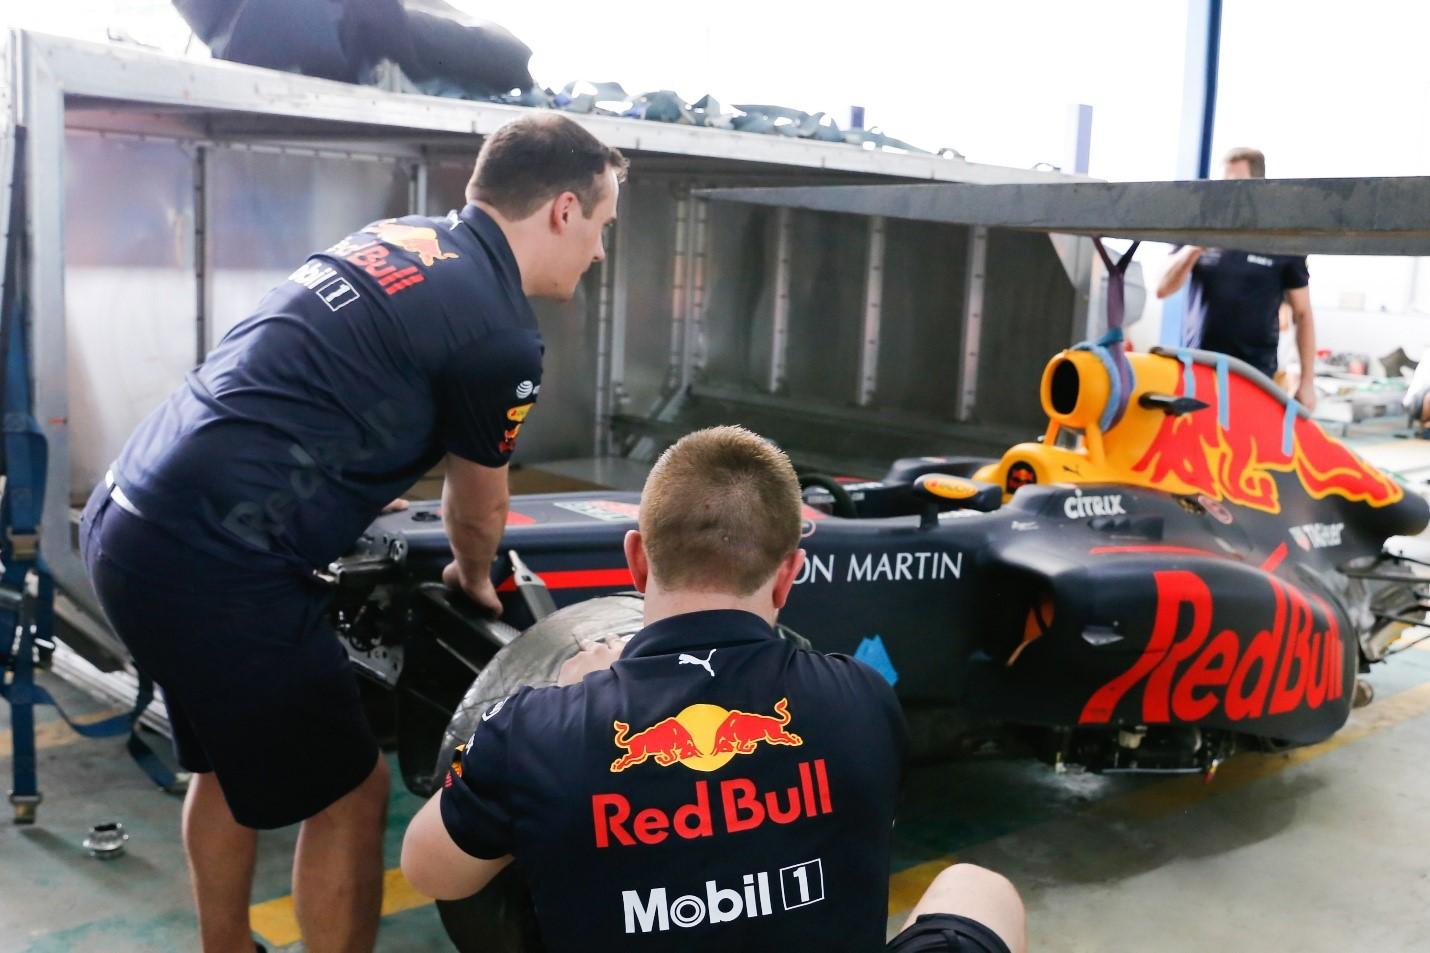 Xe đua F1 cập bến, đường đua sẵn sàng, Heineken mang trải nghiệm F1 thật gần với fan Việt